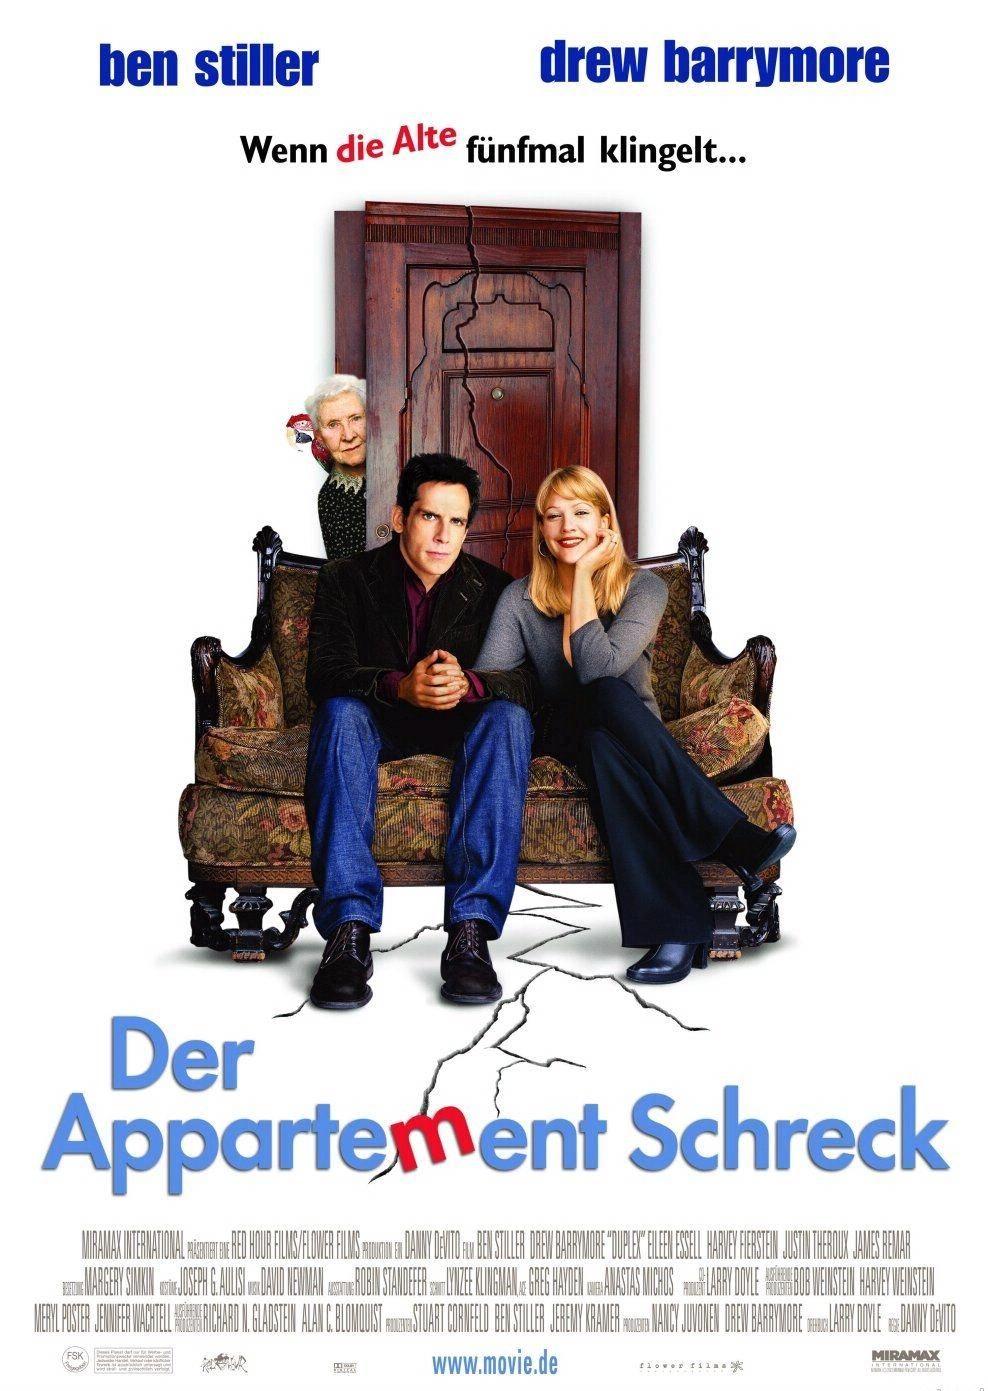 Der Appartement Schreck Duplex 2003 Lustige Filme Romantische Filme Komodien